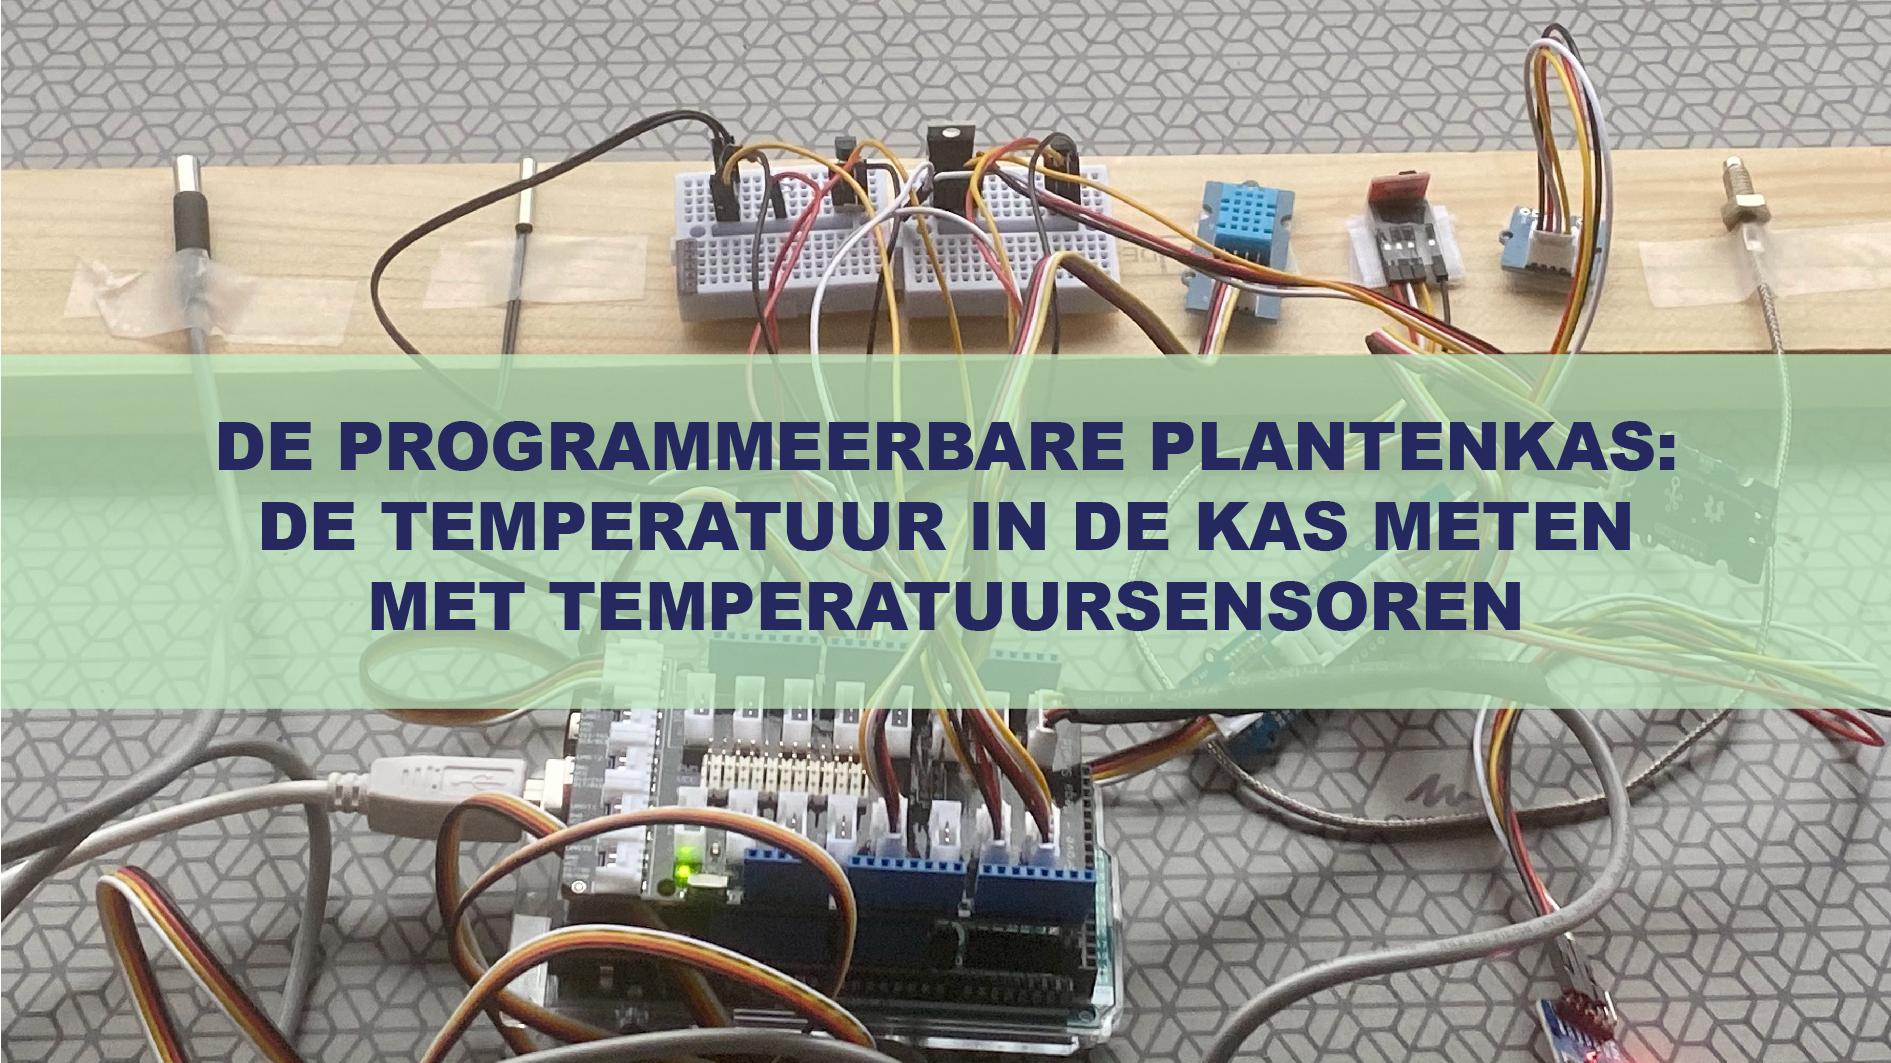 De Programmeerbare Plantenkas: De temperatuur meten met een temperatuursensor